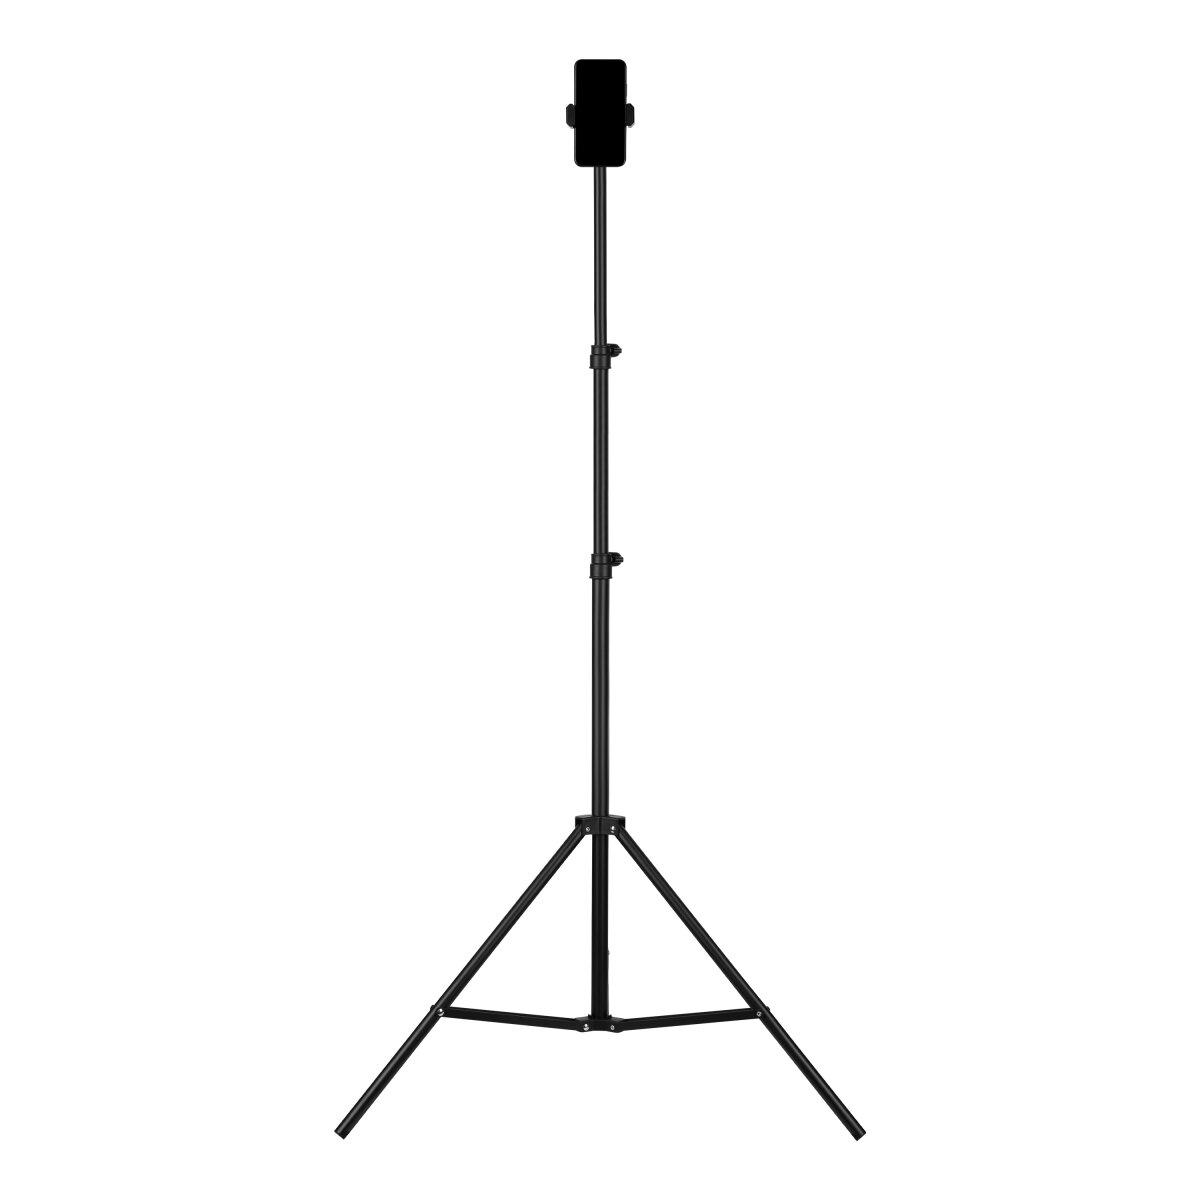 Volkano Insta series Floor Standing phone tripod (up to 2.1 meters height)